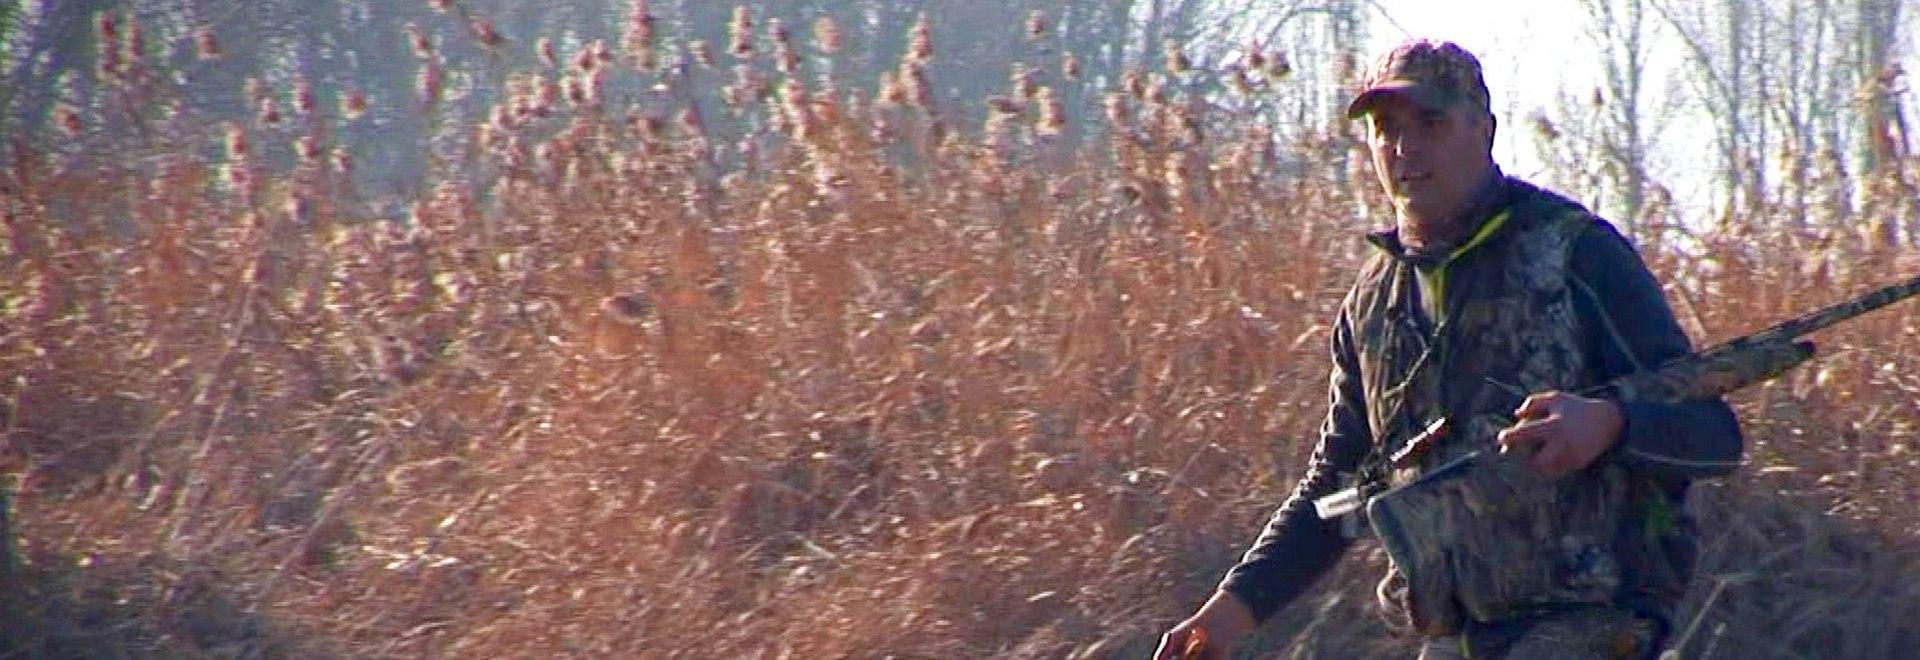 Caccia alle anatre in valle. 1a parte